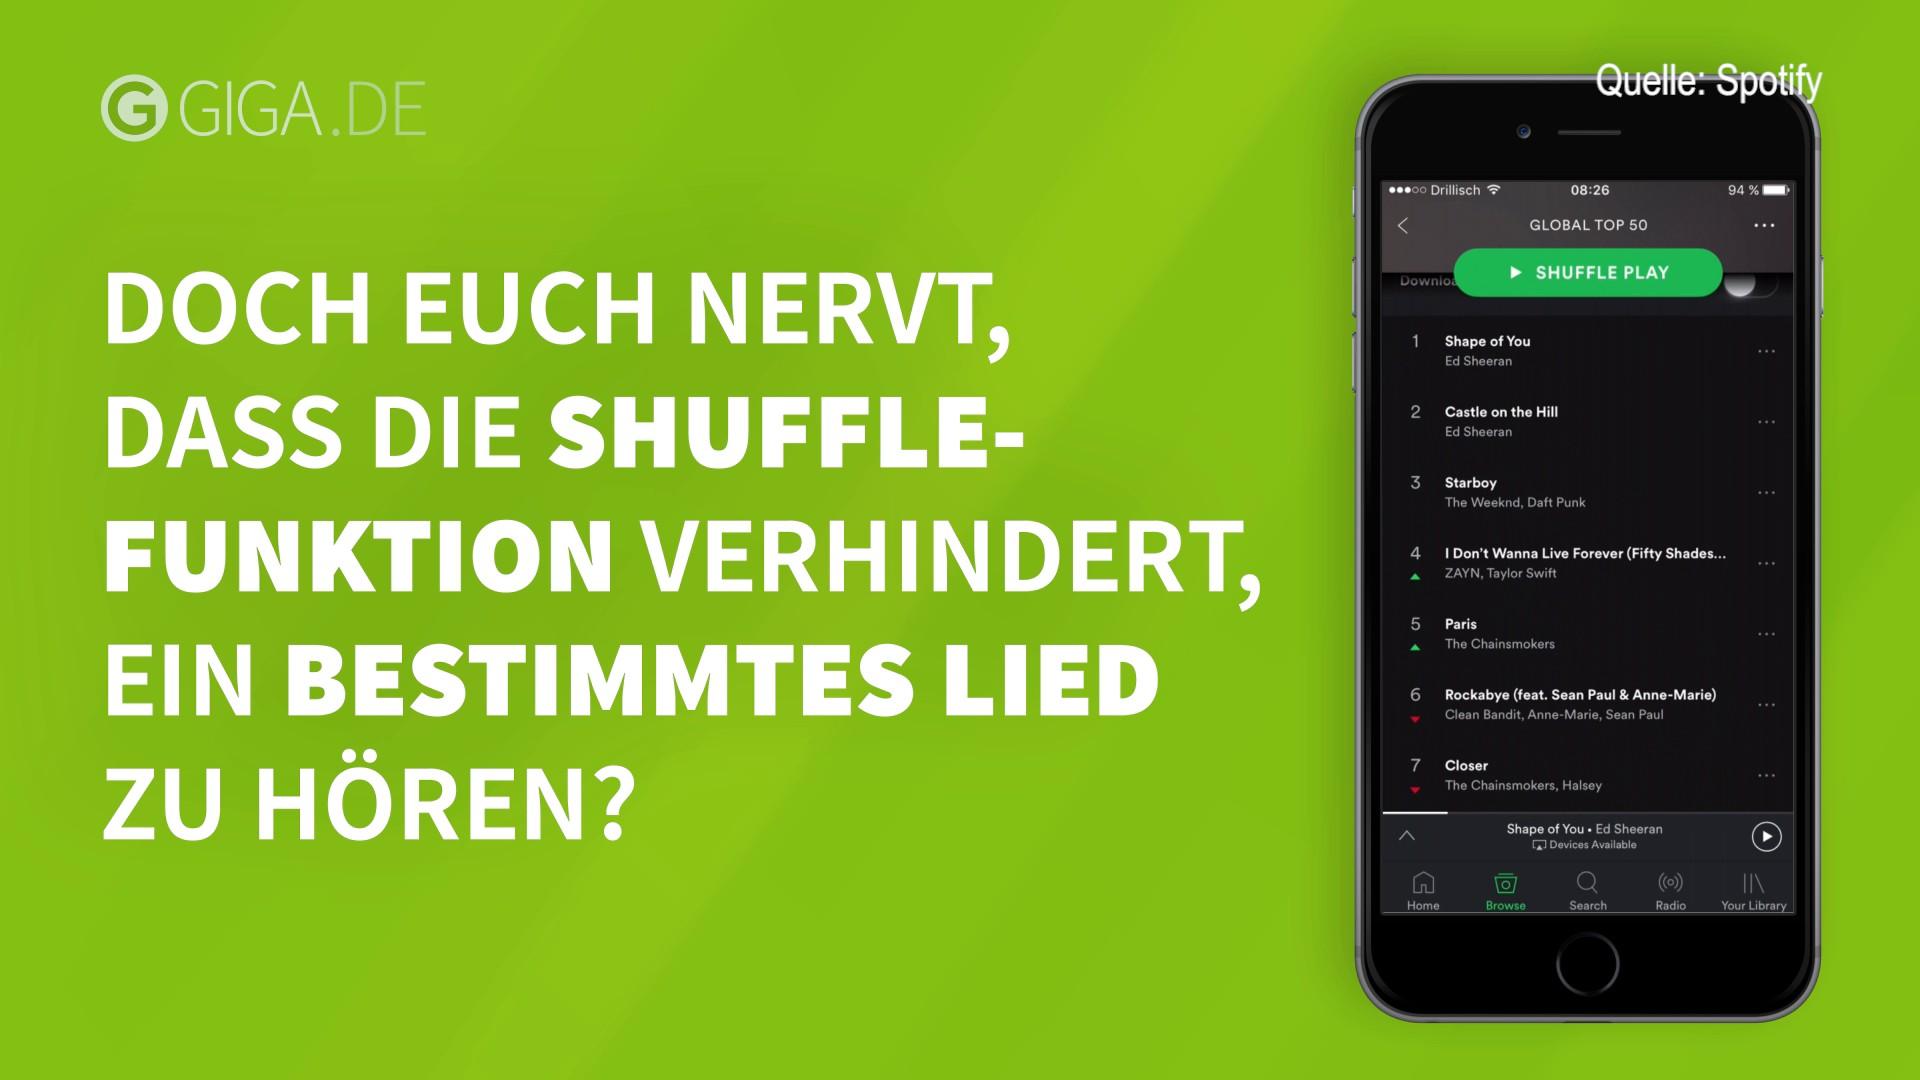 shuffle ausschalten bei spotify